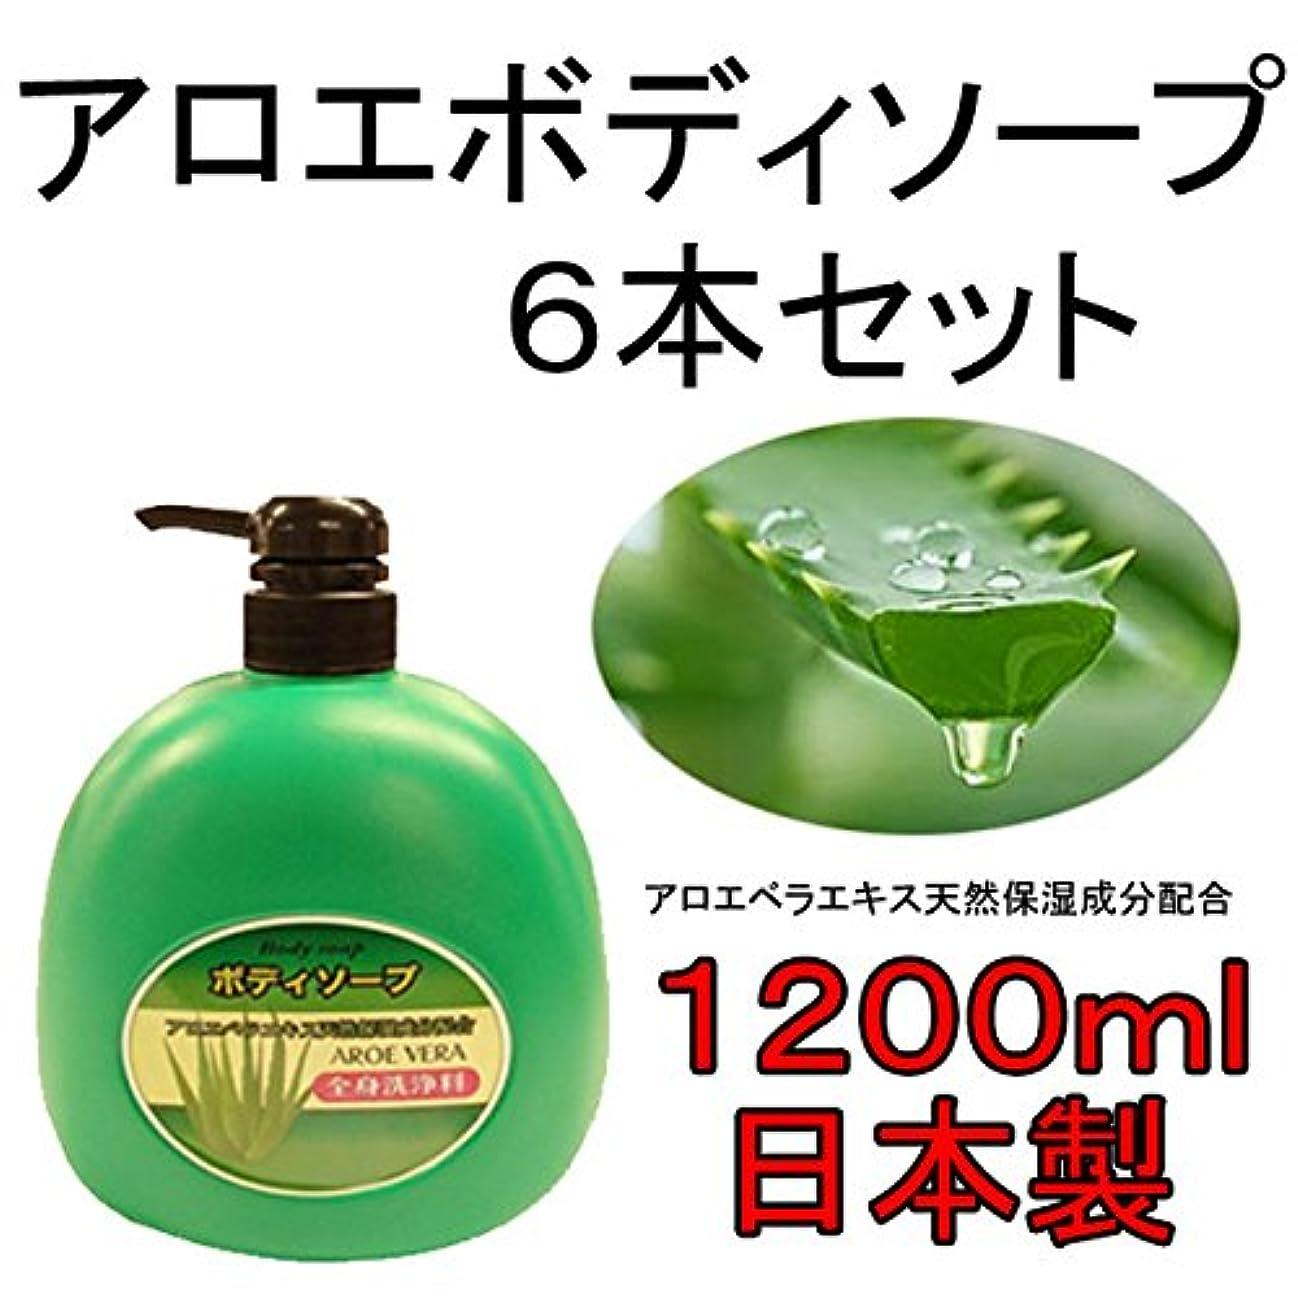 道徳のスリット自信がある高級アロエボディソープ6本セット アロエエキスたっぷりでお肌つるつる 国産?日本製で安心/約1年分1本1200mlの大容量でお得 液体ソープ ボディソープ ボディシャンプー 風呂用 石鹸 せっけん 全身用ソープ body soap aroe あろえ